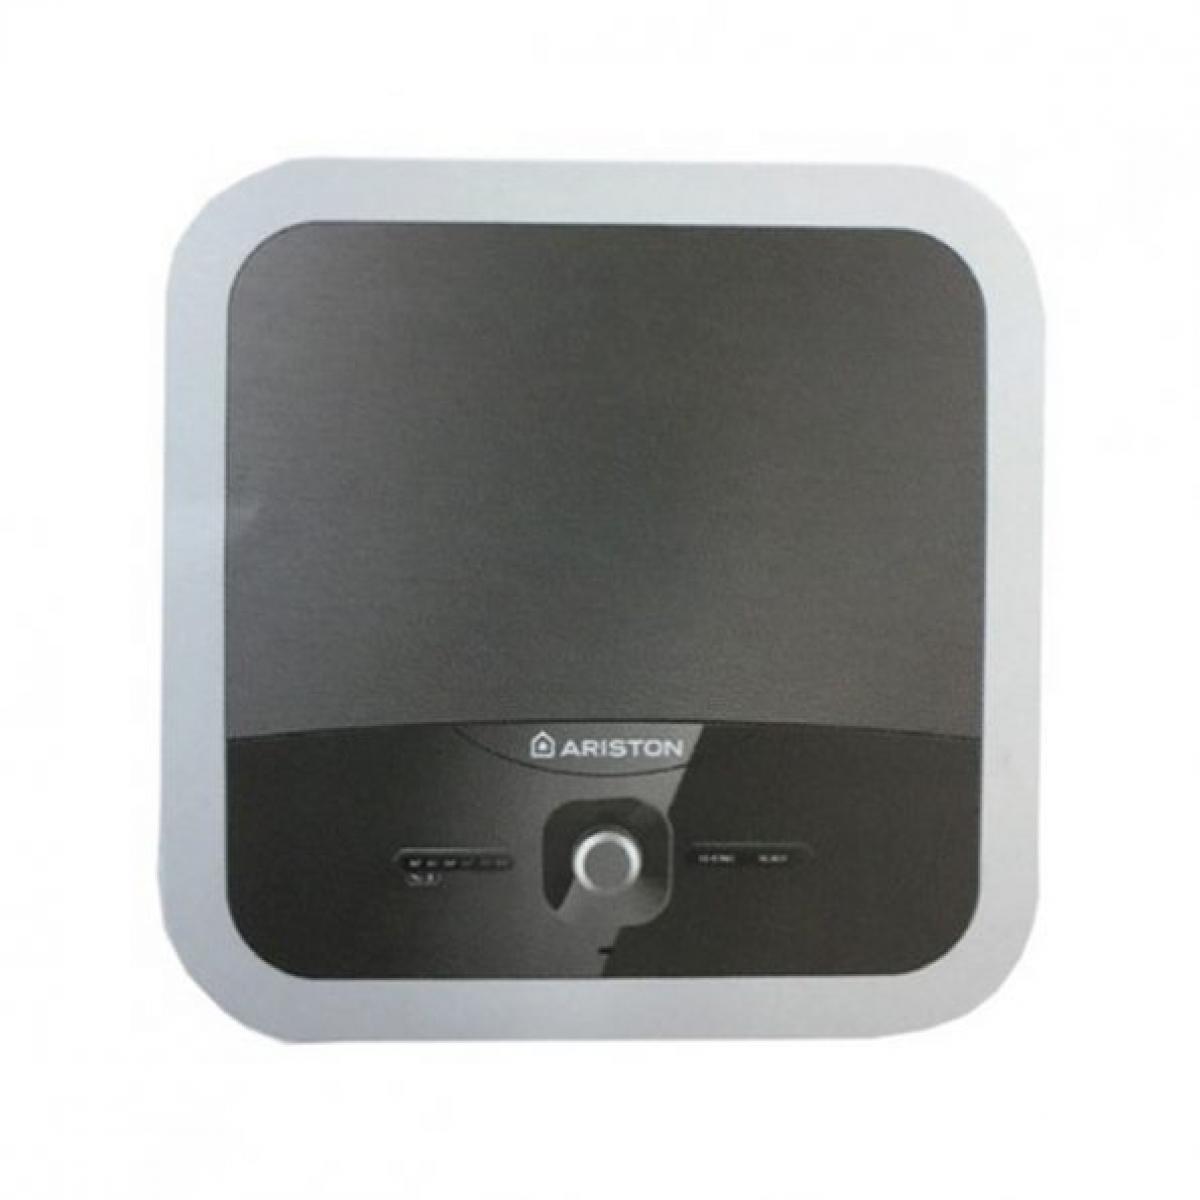 Bình nóng lạnh Ariston 30L ANDRIS2 30 LUX (mới 2018)